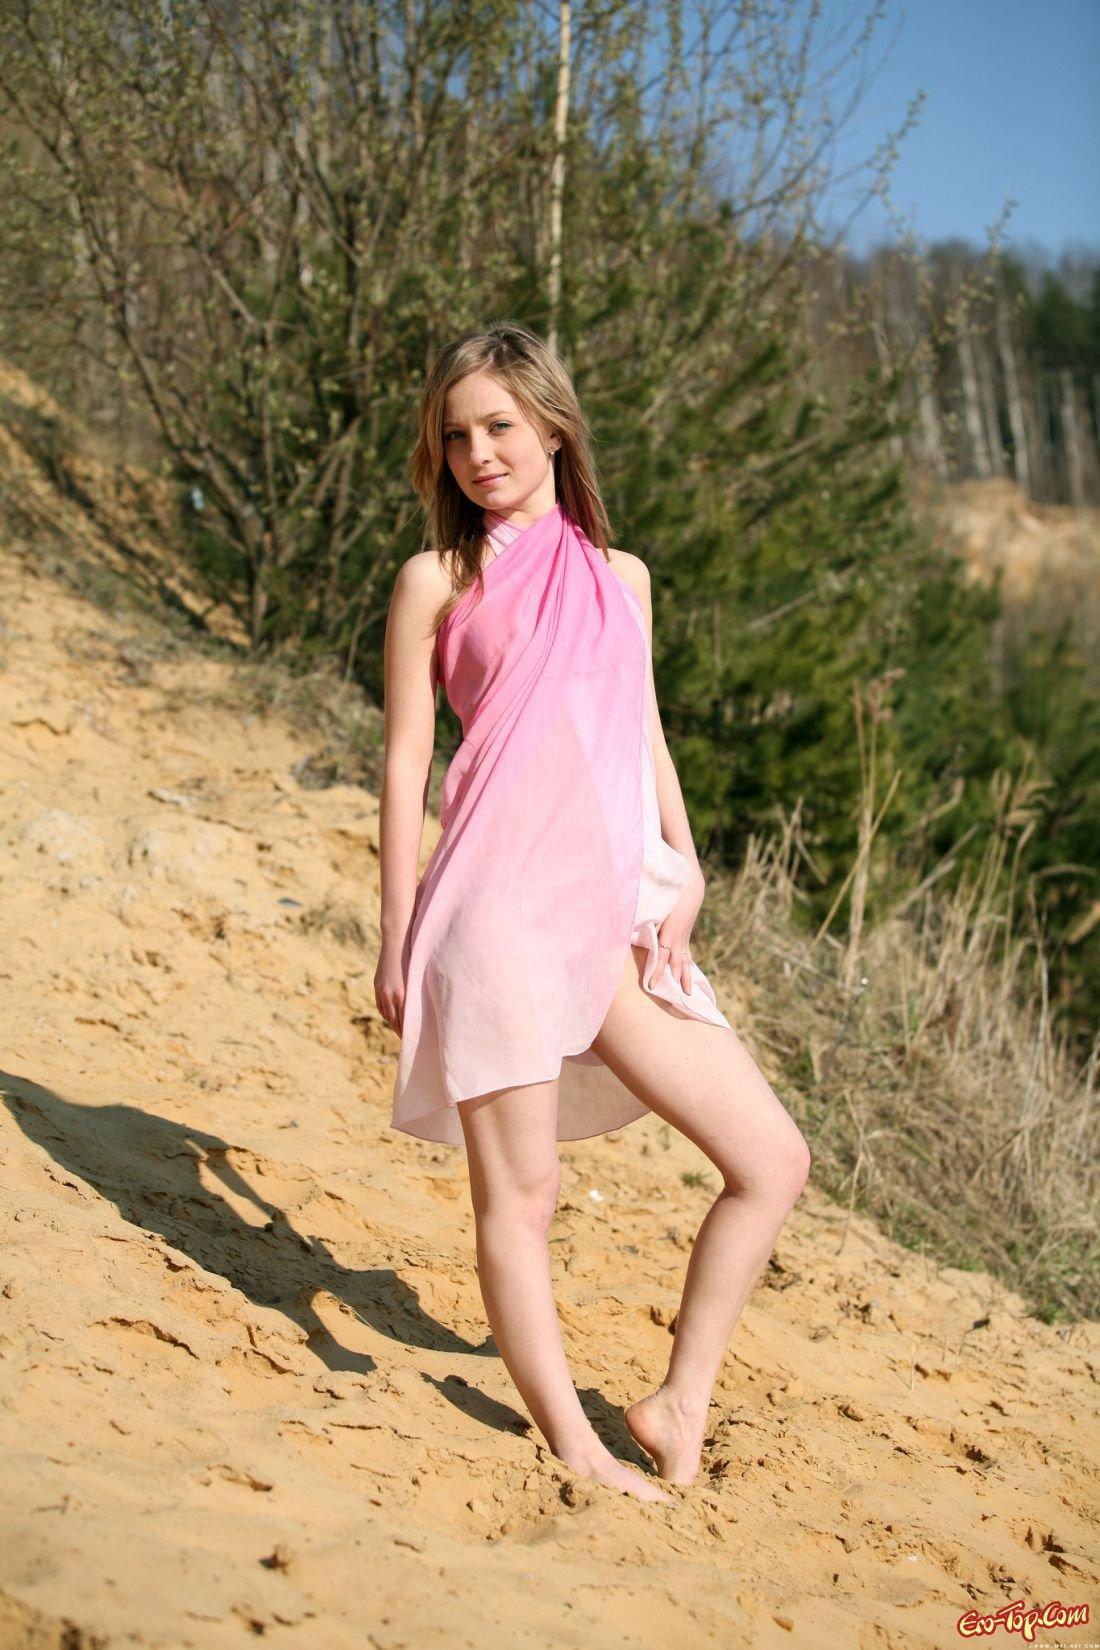 Фото голые девушки связанные в лесу 2